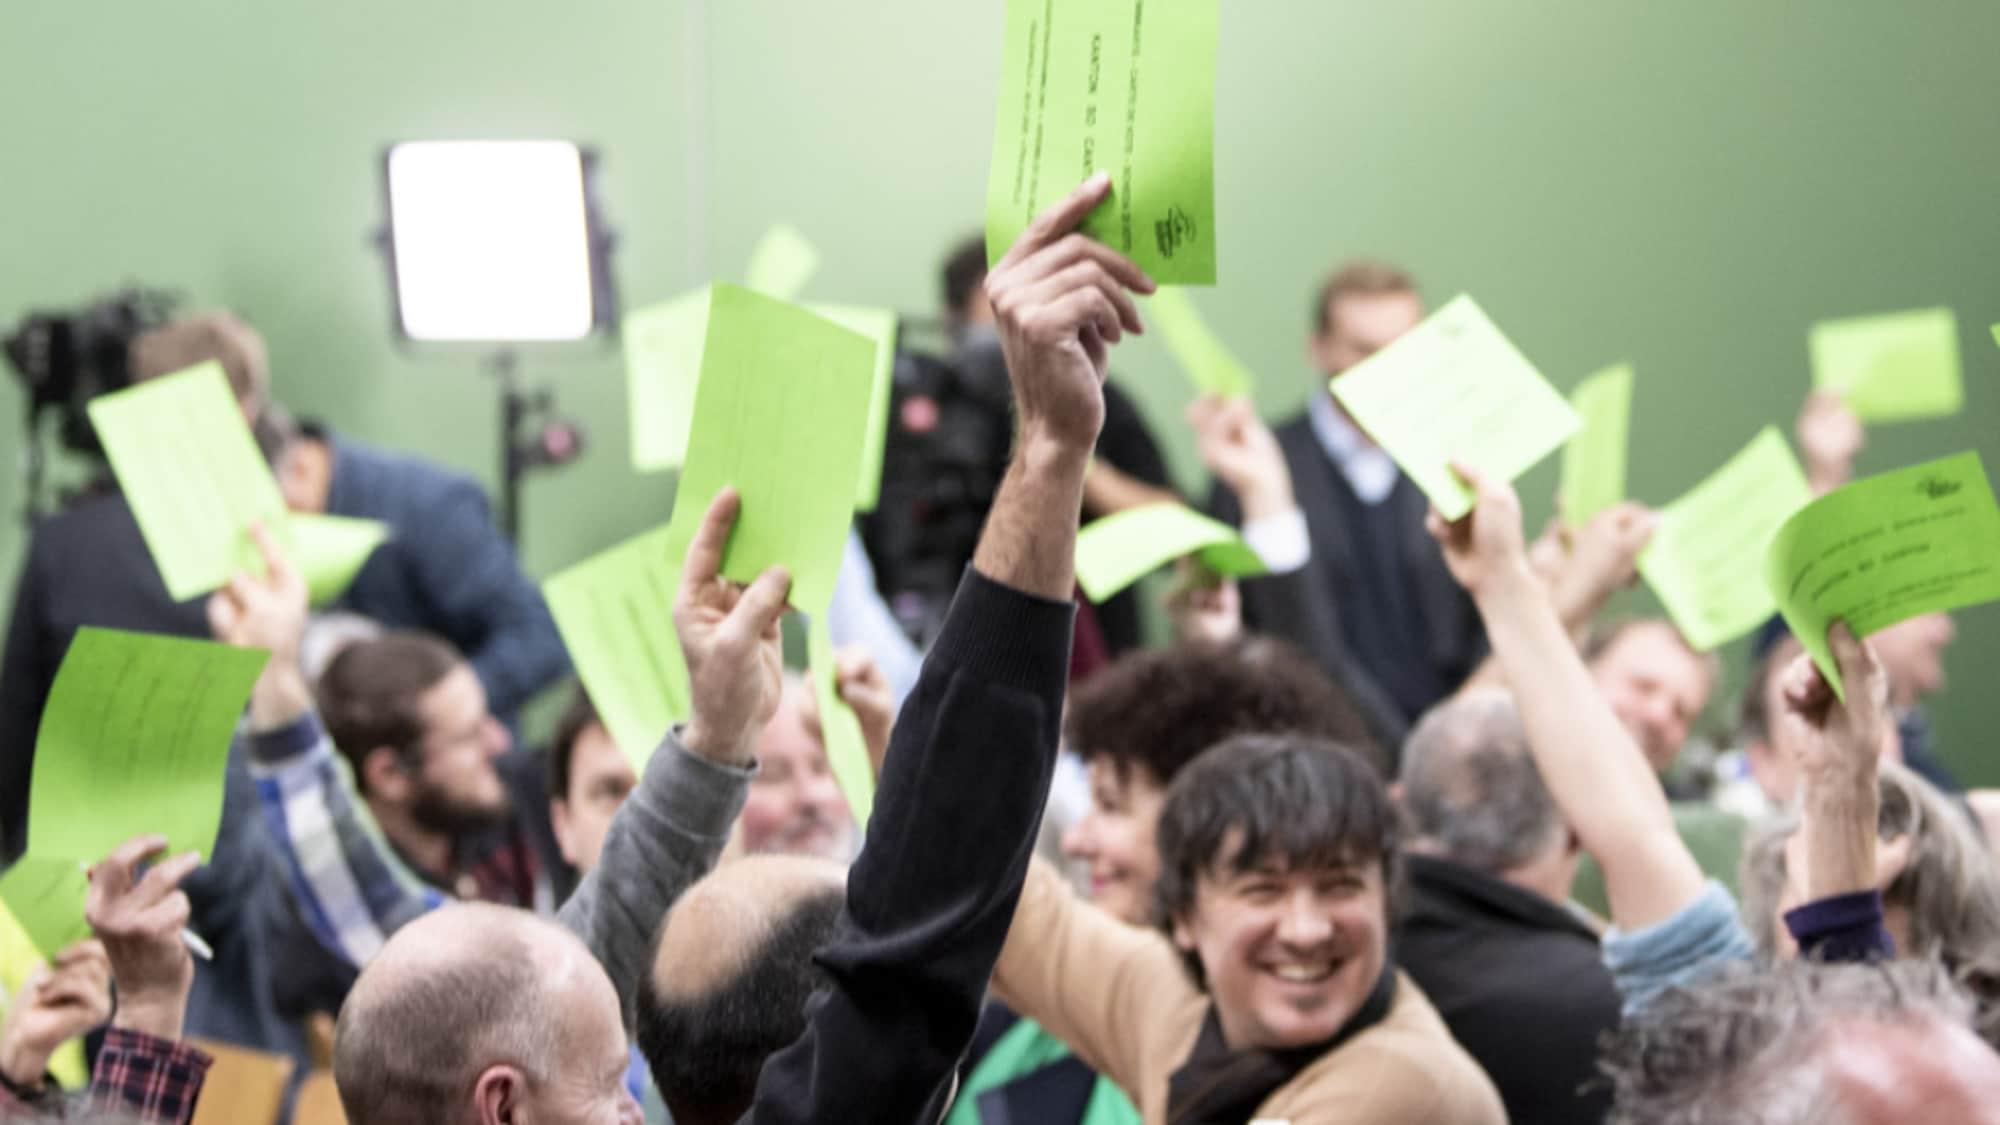 Parteien: Grüne verabschieden Resolution für sozialen Klimaschutz